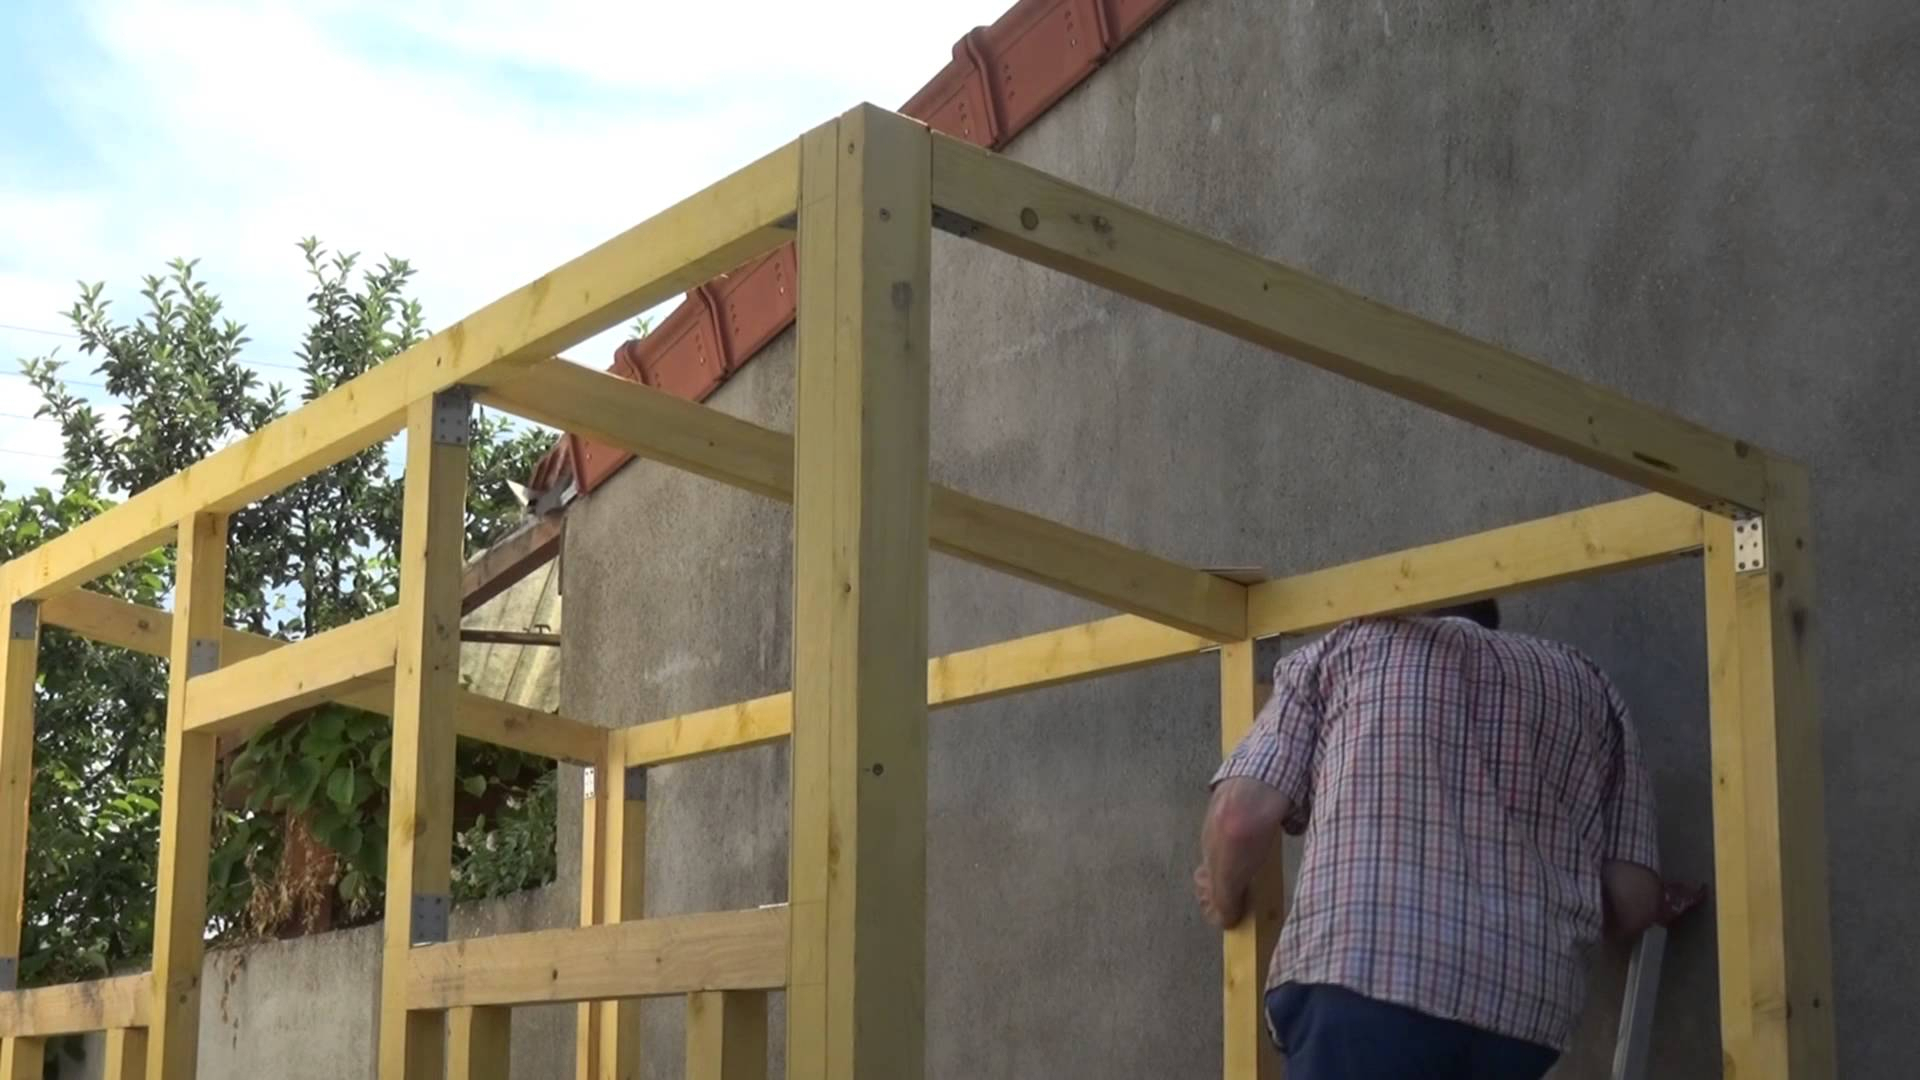 Construire Abri De Jardin Des Idées - Idees Conception Jardin à Construire Un Abris De Jardin